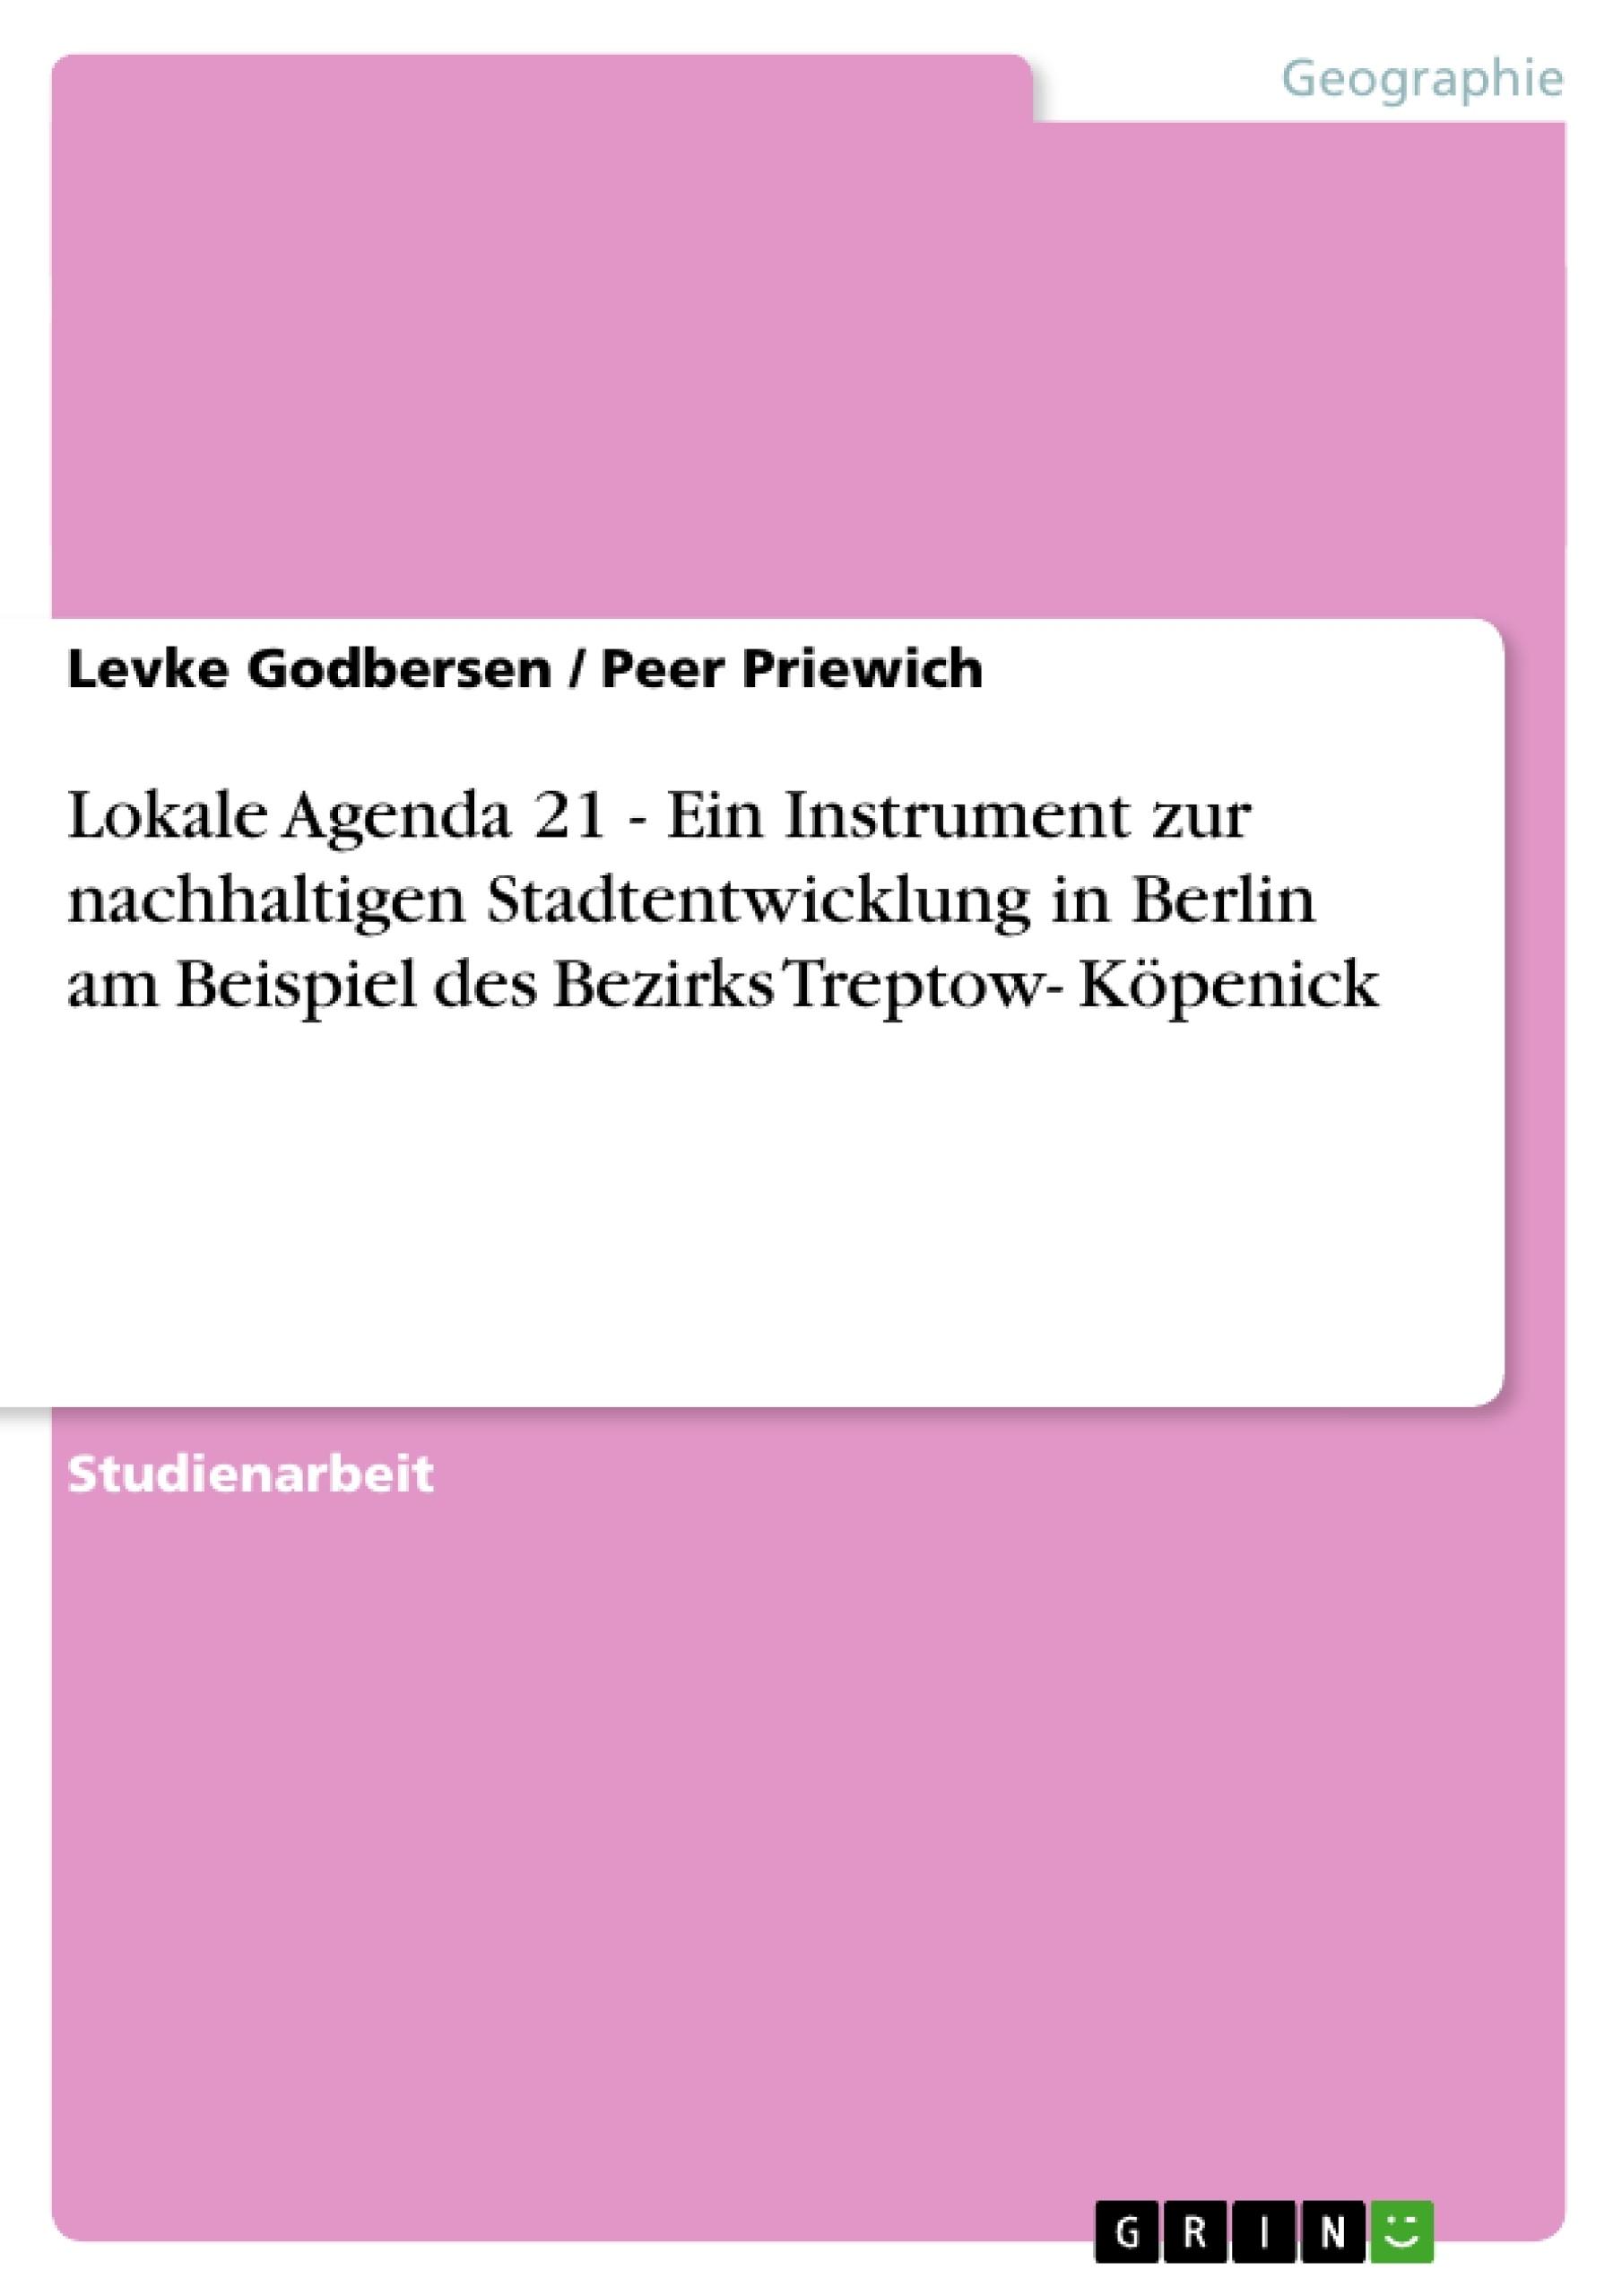 Titel: Lokale Agenda 21 - Ein Instrument zur nachhaltigen Stadtentwicklung in Berlin am Beispiel des Bezirks Treptow- Köpenick